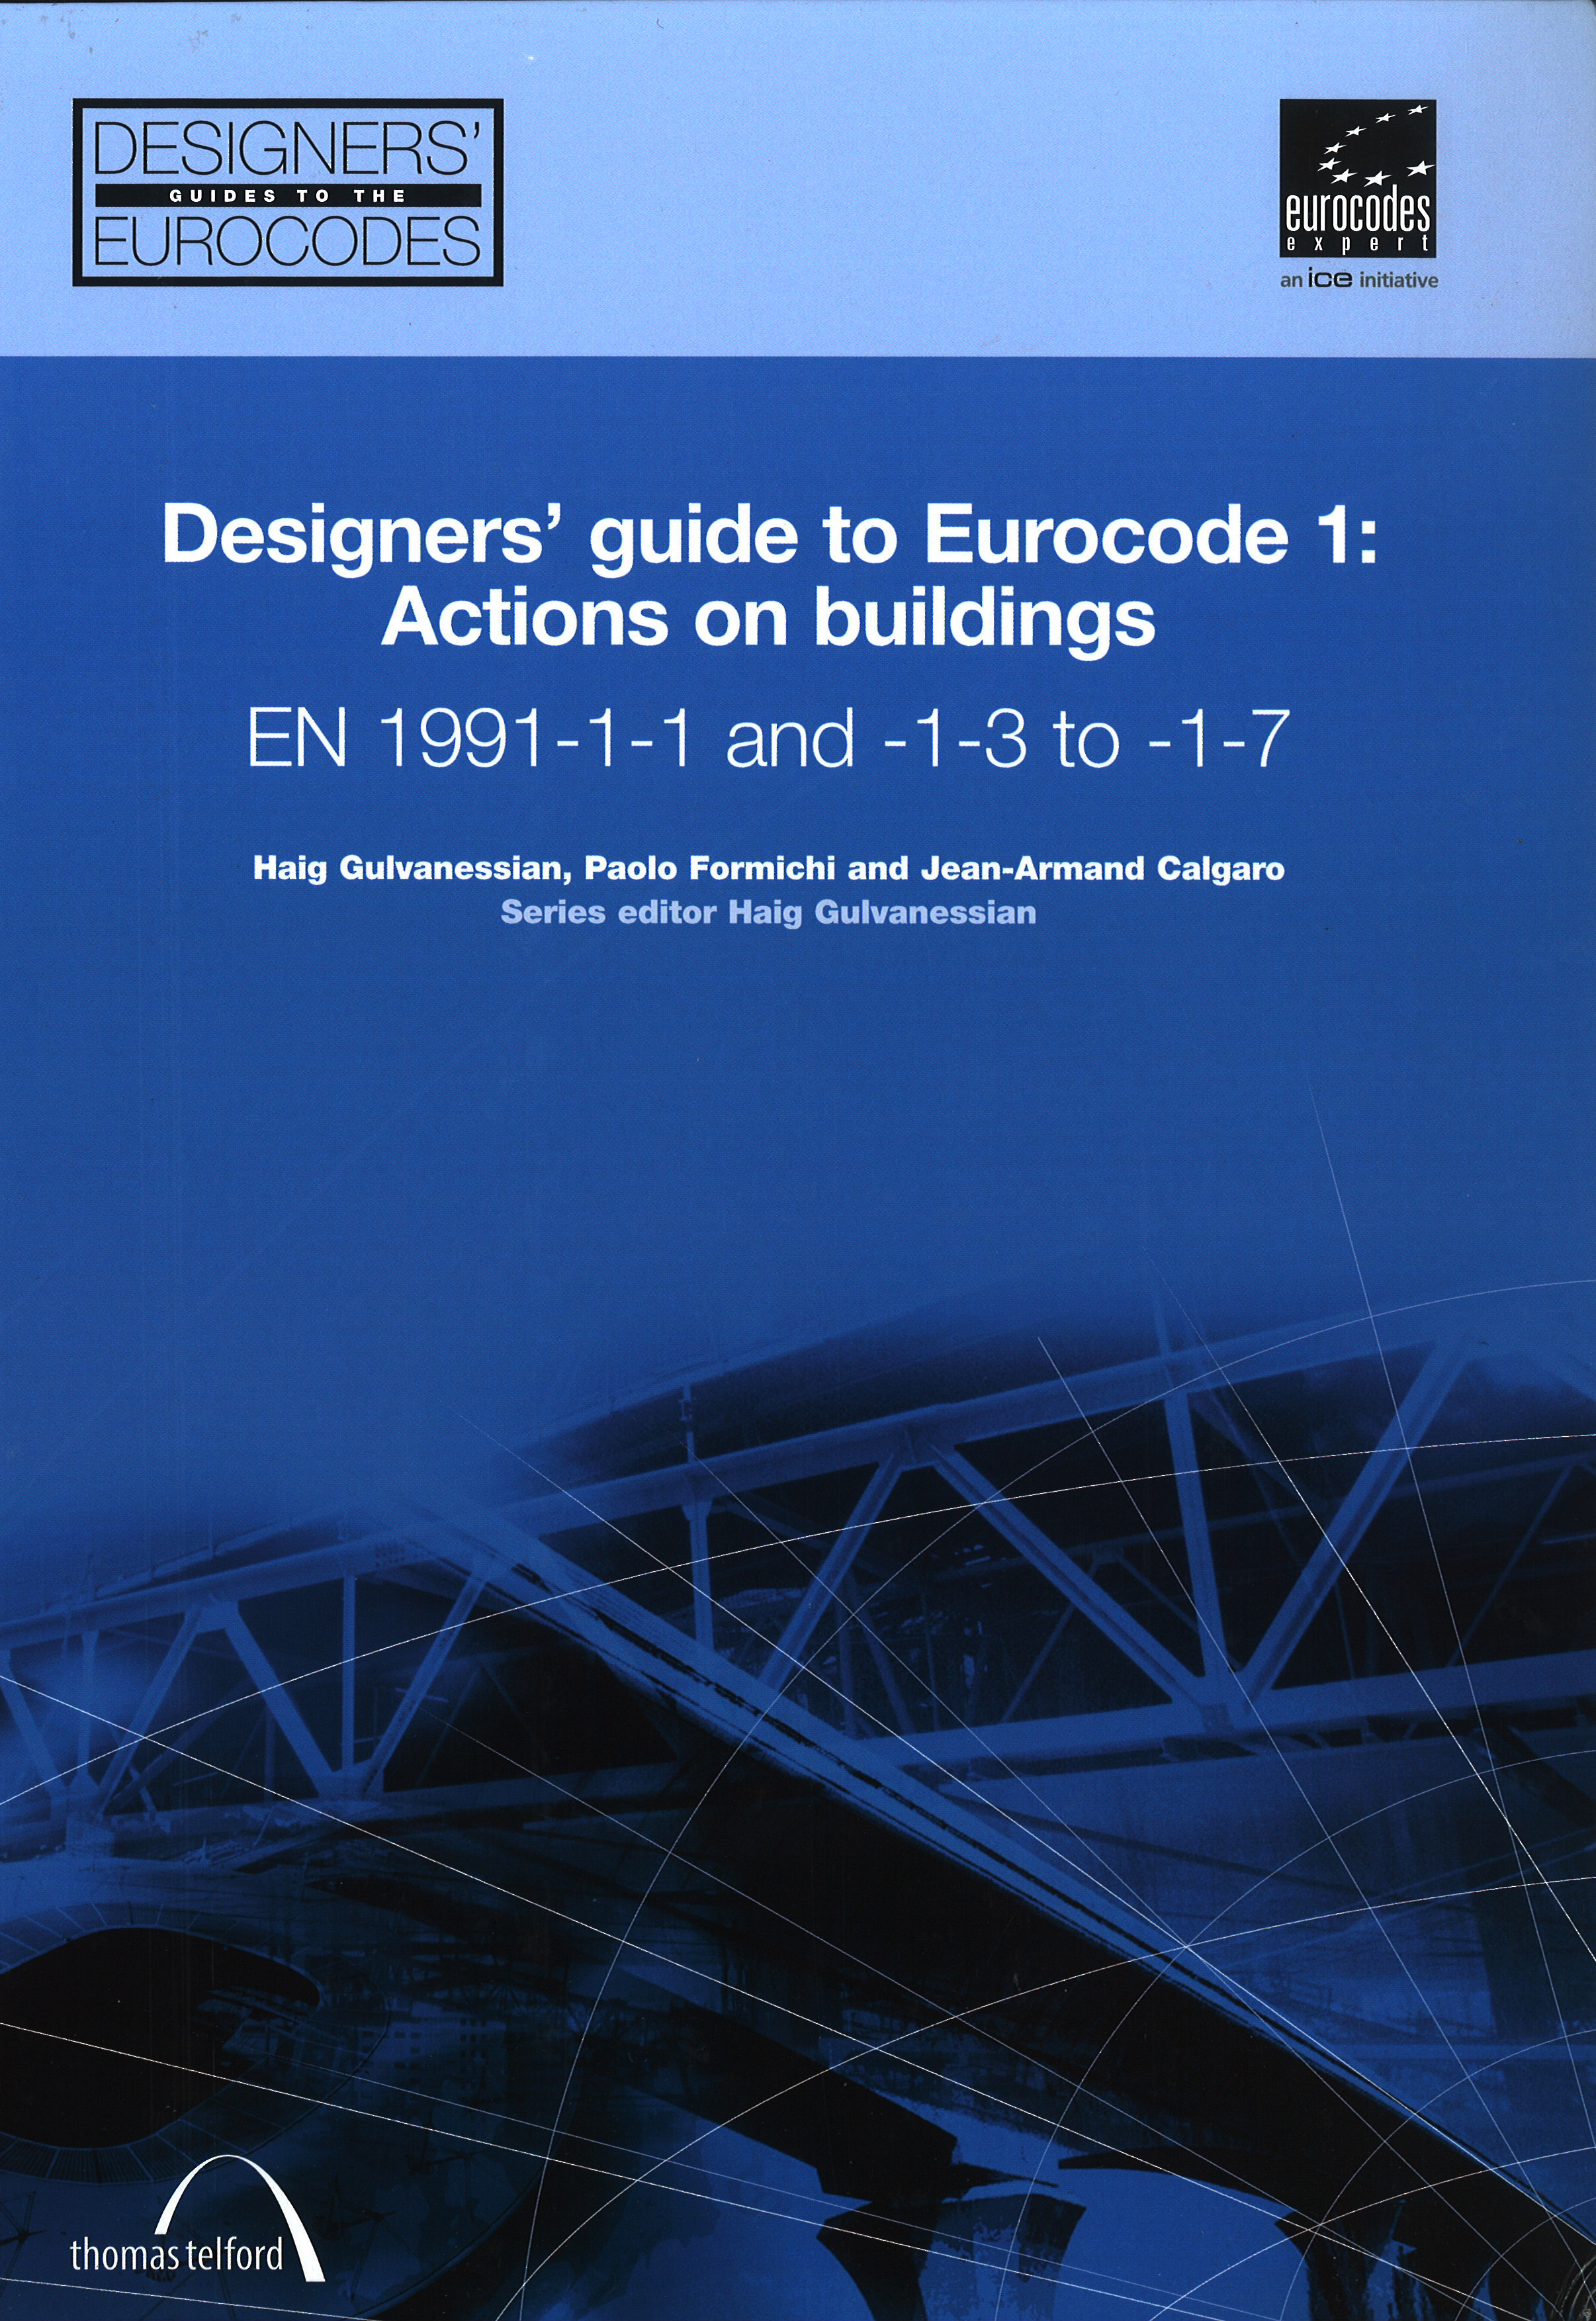 Gældende eurocodes